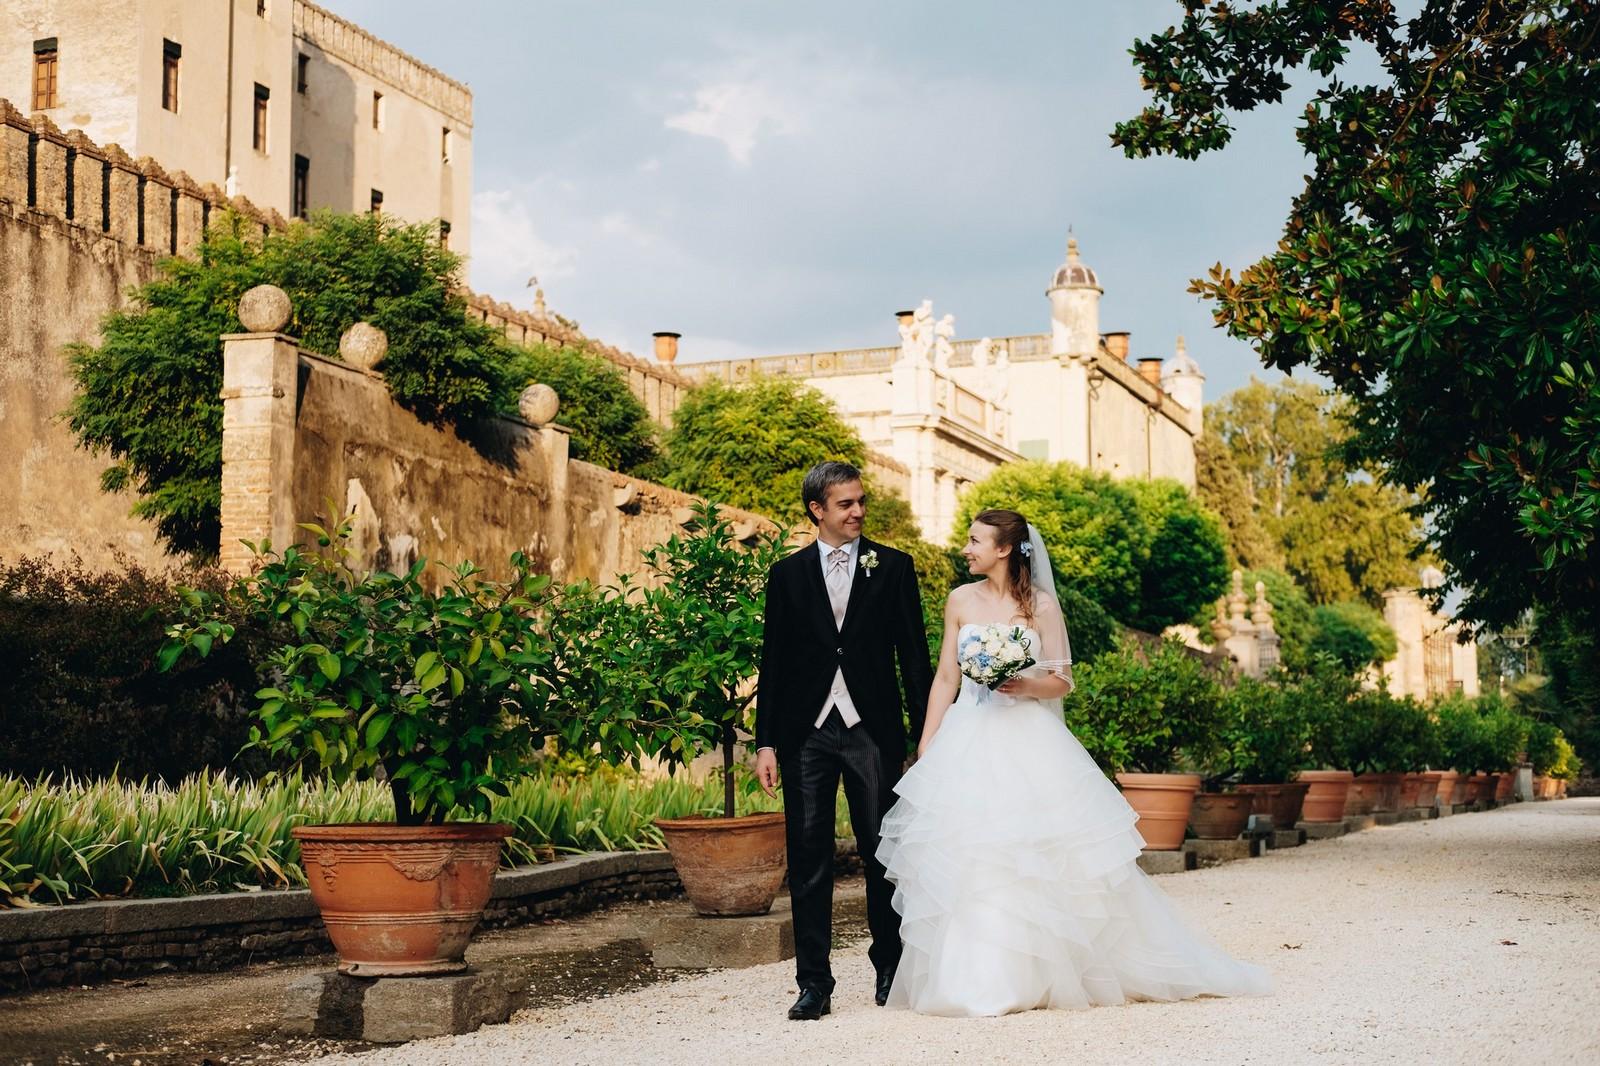 Фотограф и видеограф в Венеции - Антон Миславский. Свадьба в Италии